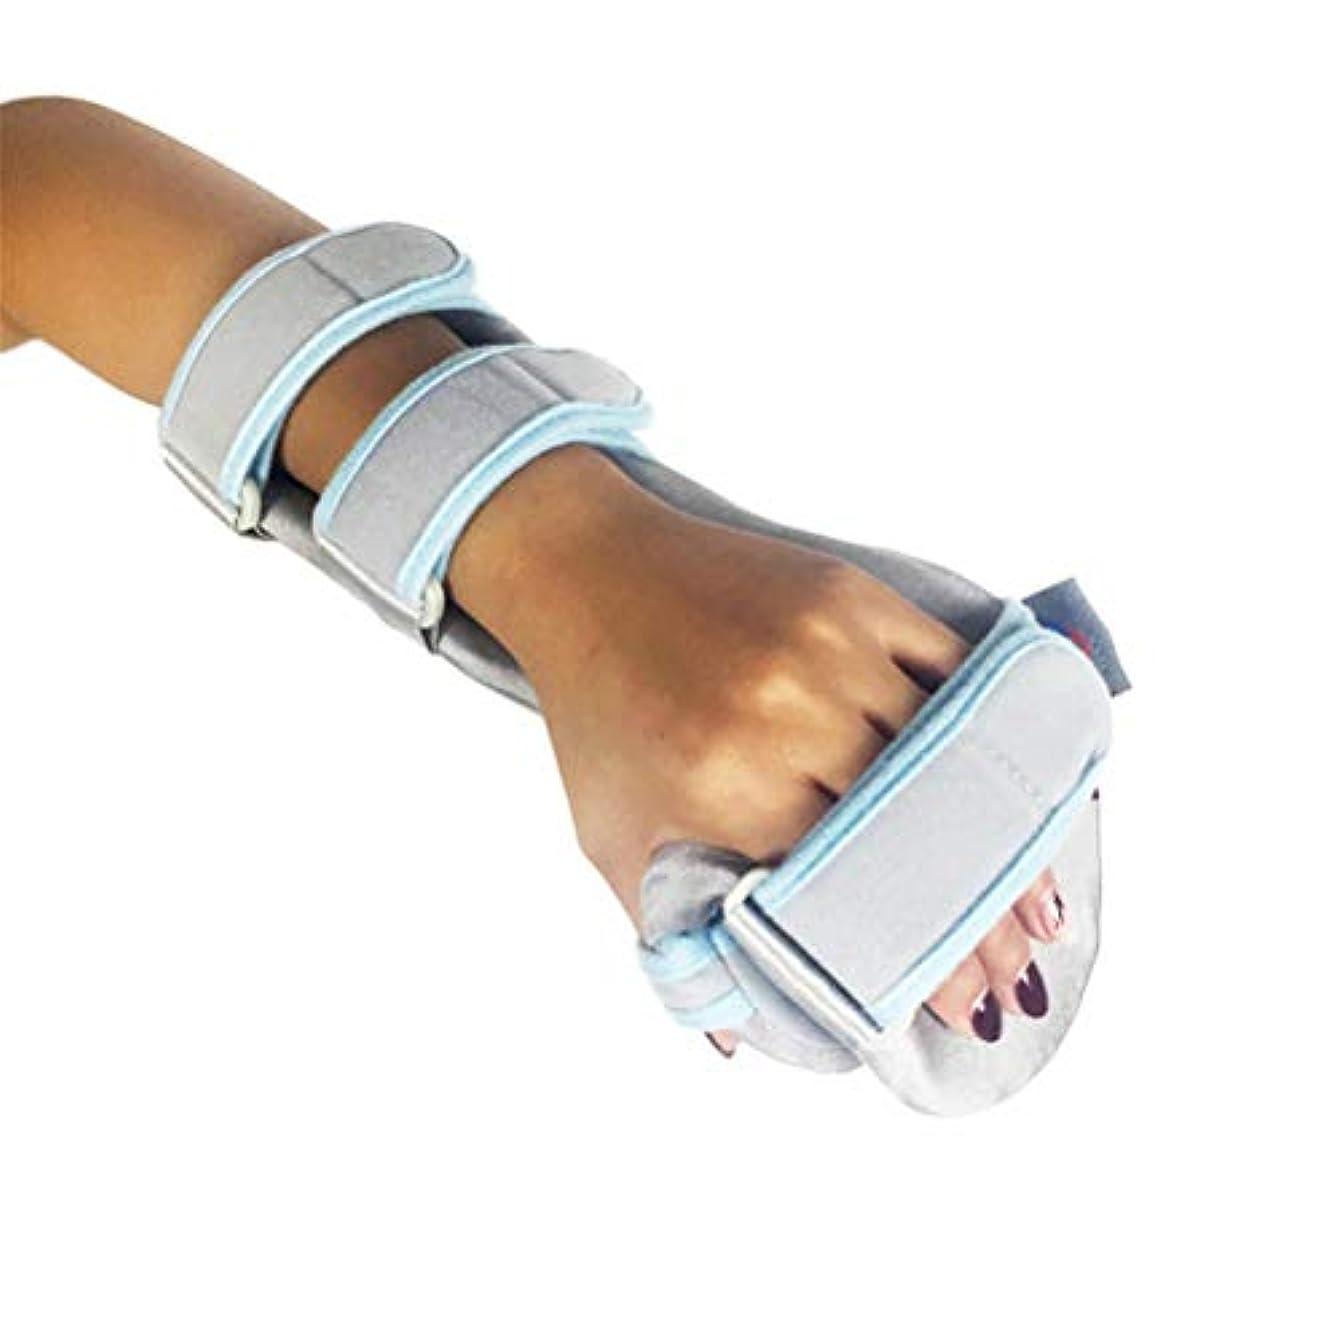 申し立て満員はちみつHEALIFTY 指スプリントフィンガー手首骨折固定足場用腱腱炎腱炎骨折関節炎転位(右手)